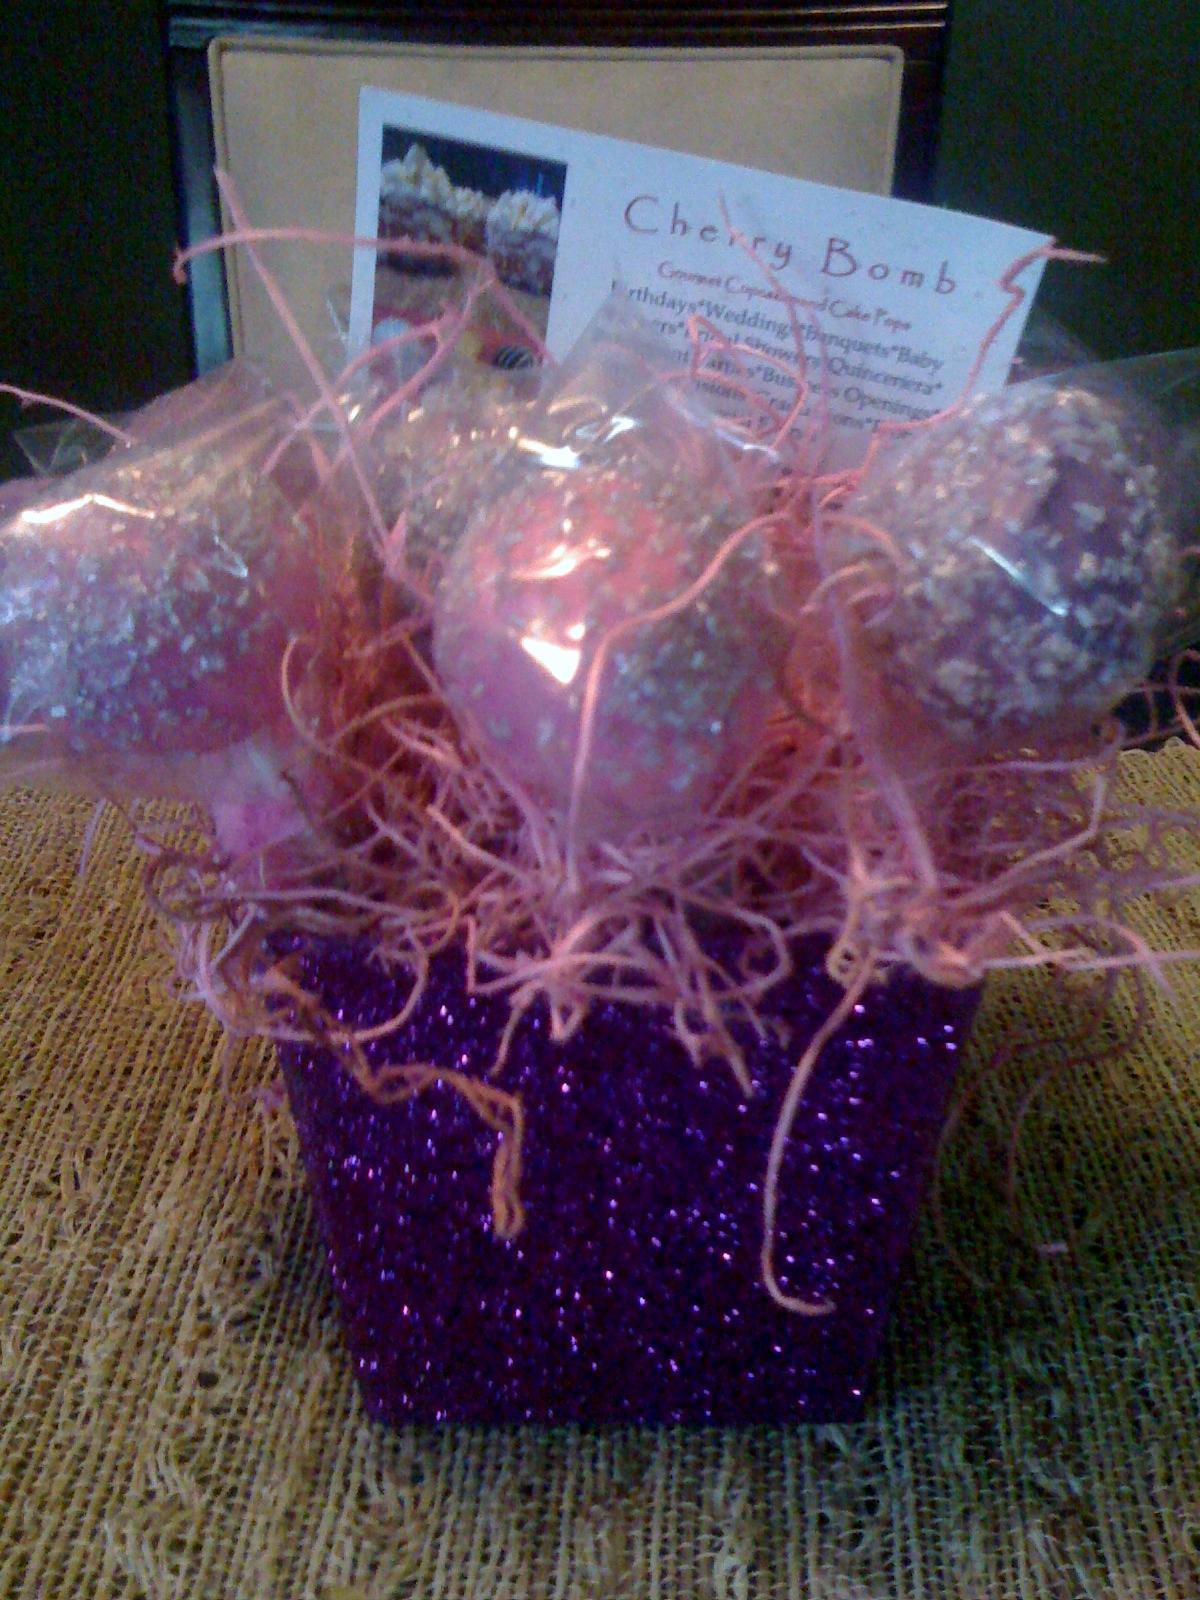 http://3.bp.blogspot.com/-fiFE9NHawZg/TjSAEVyVPvI/AAAAAAAABPg/IFRLHGPS3PQ/s1600/birthday.jpg